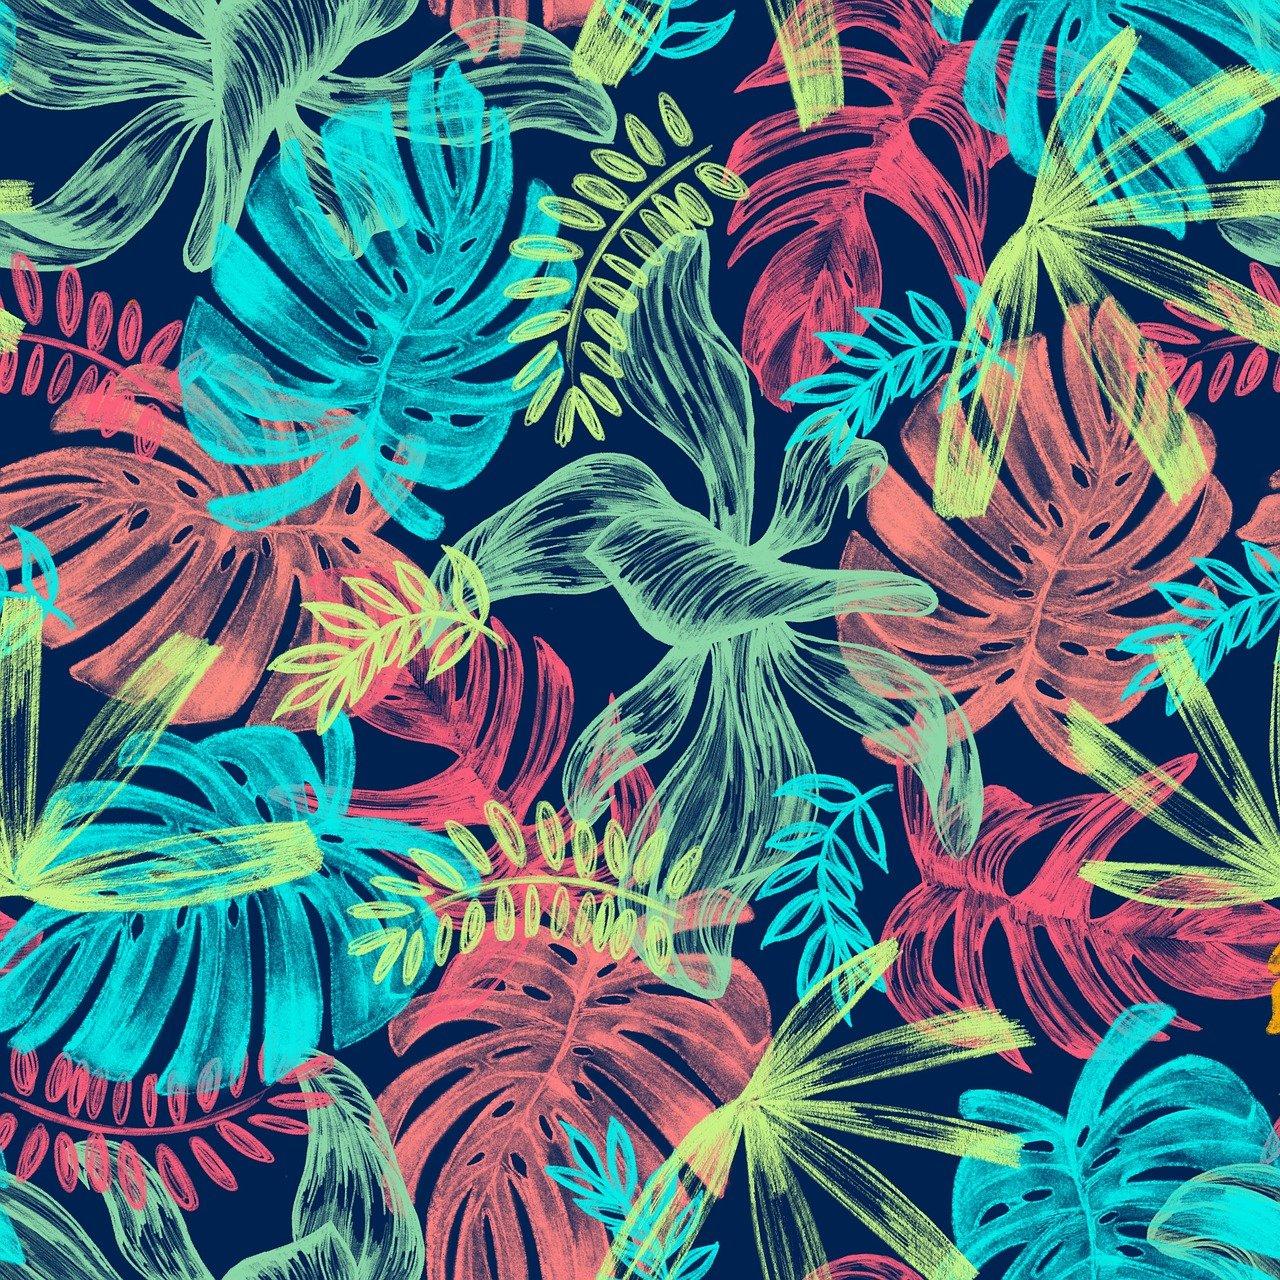 estampa unissex tropical